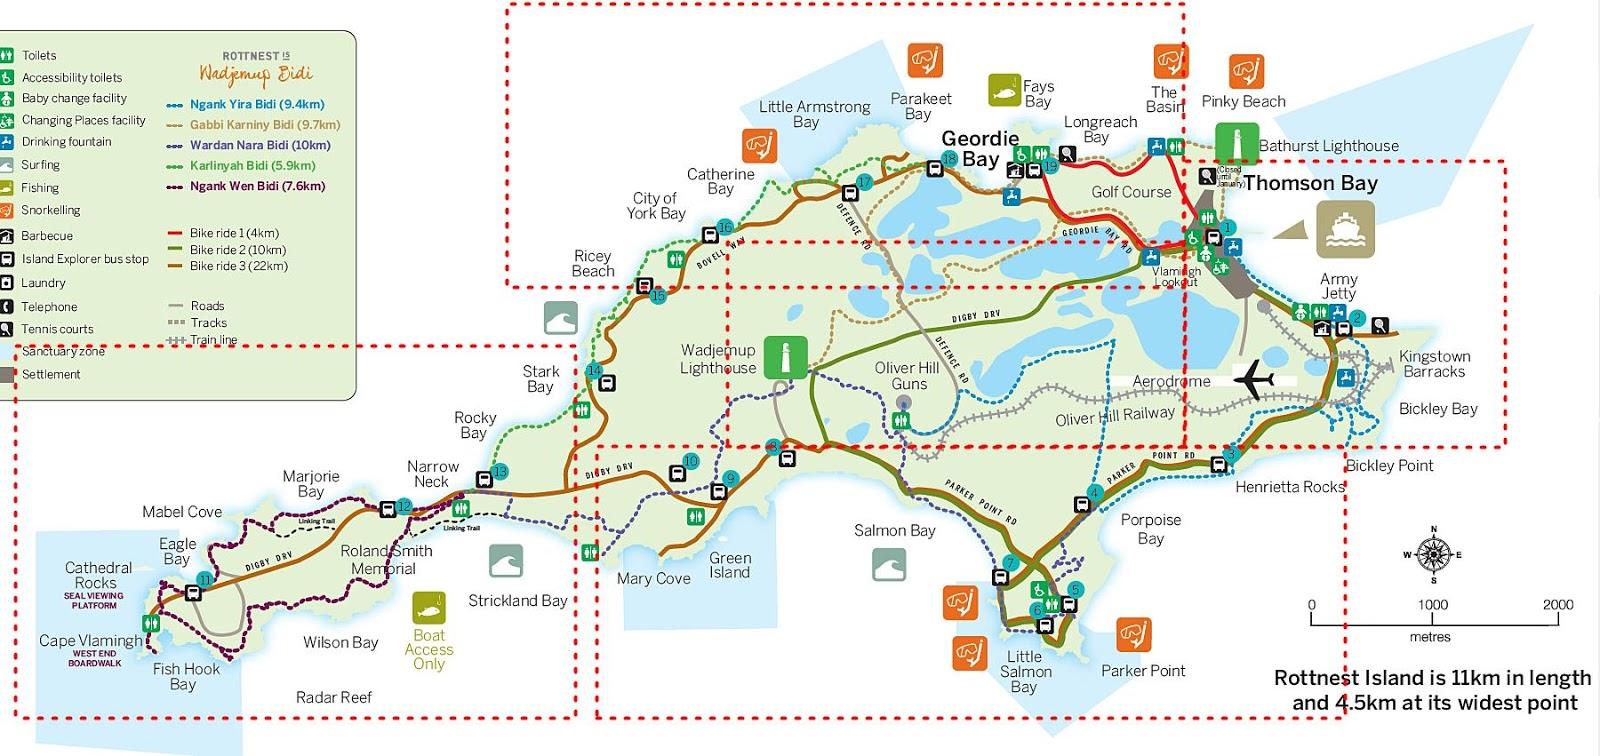 澳洲-西澳-伯斯-景點-羅特尼斯島-Rottnest Island-地圖-推薦-自由行-交通-旅遊-遊記-攻略-行程-一日遊-二日遊-必玩-必遊-Perth